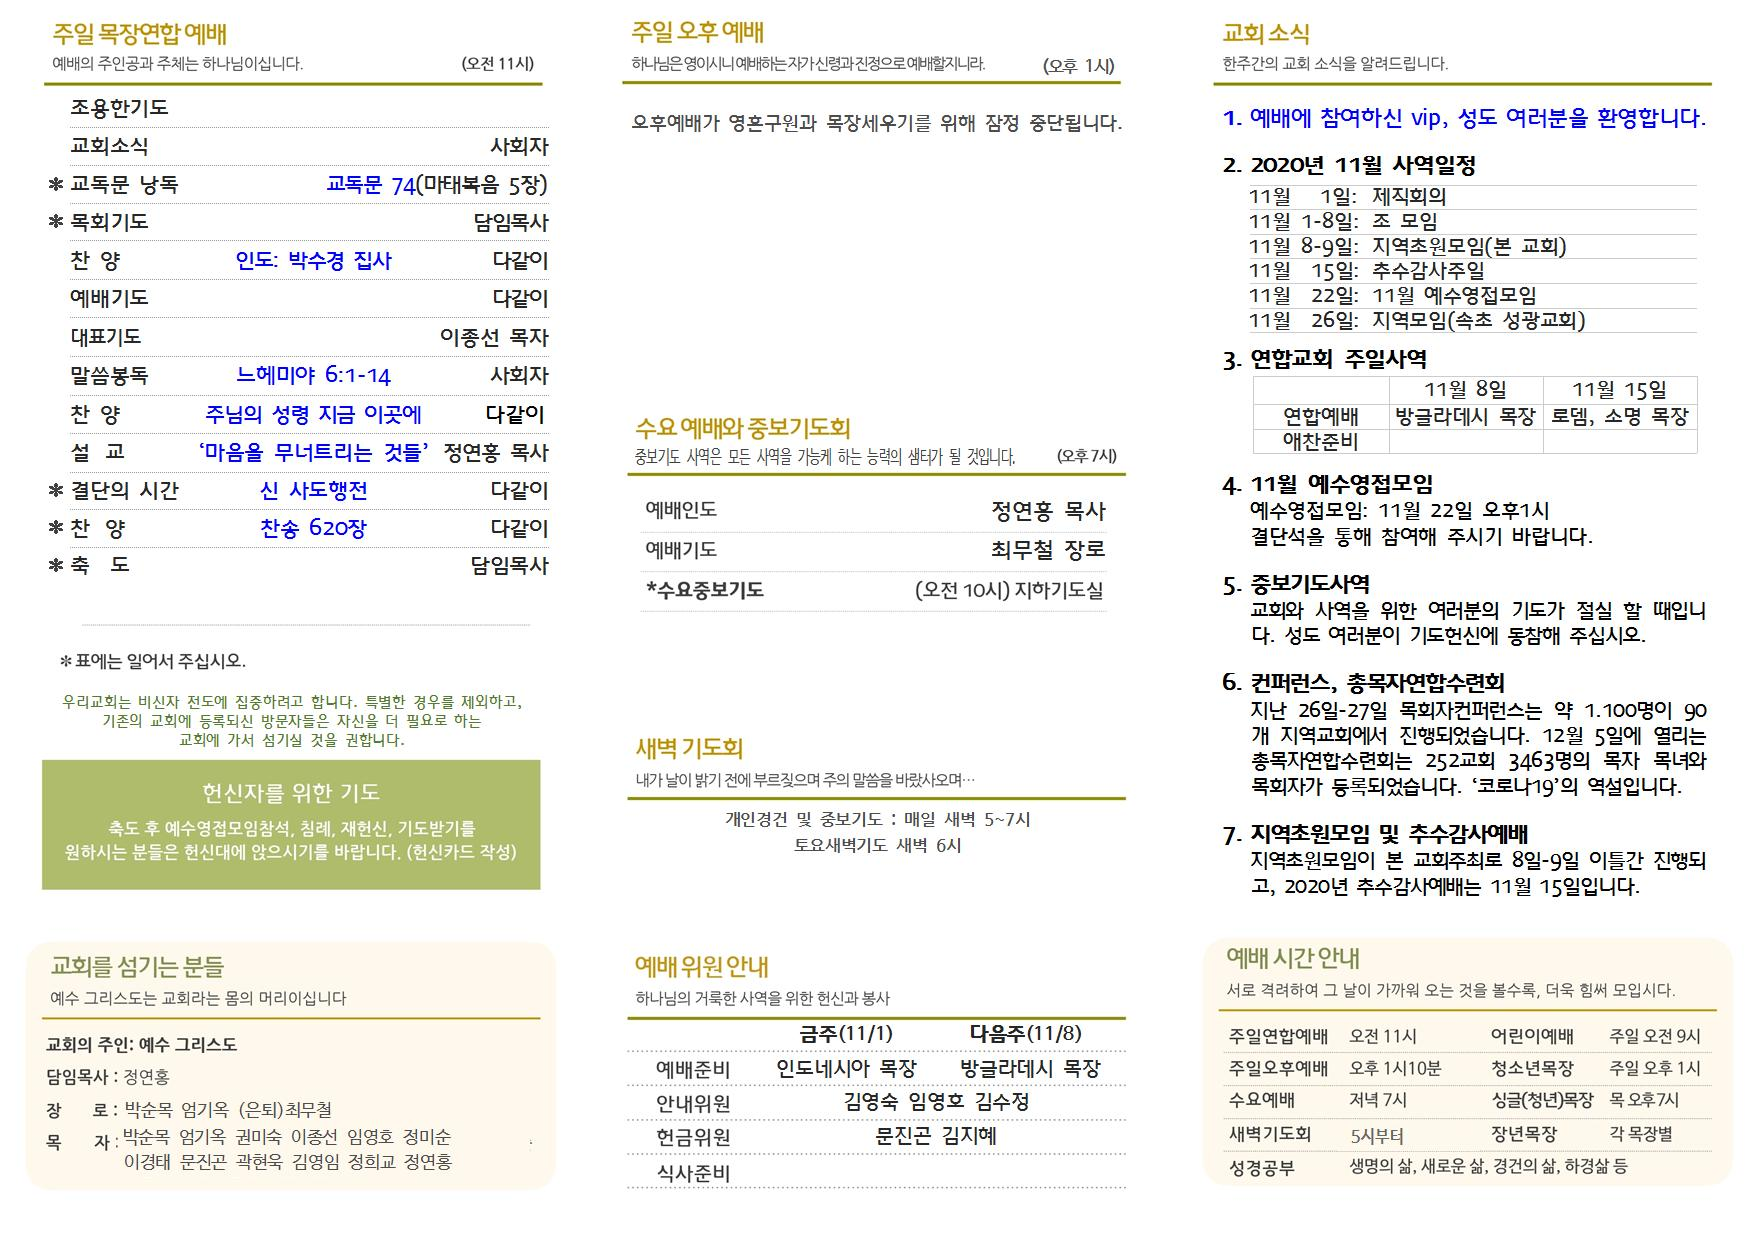 201101-1,2002.jpg